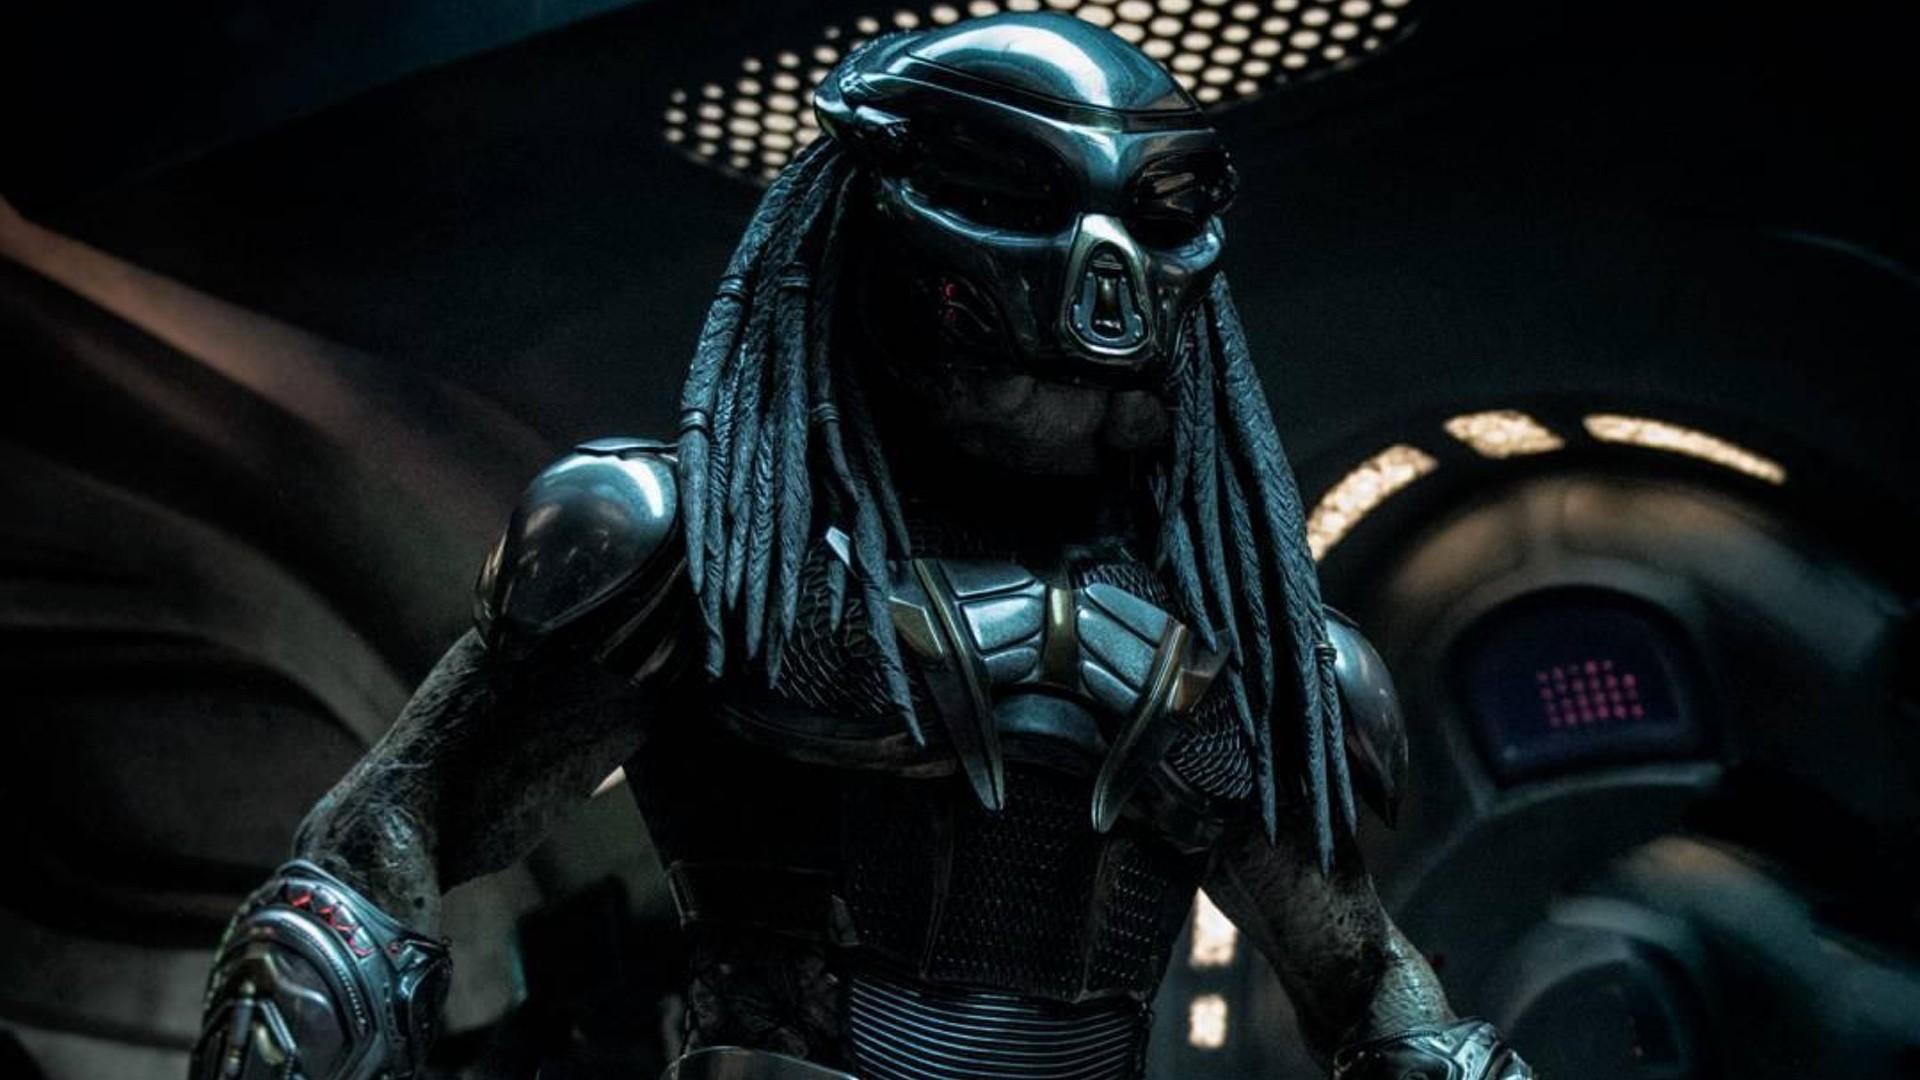 Predator-Upgrade-Film-2018-Kritik-Review